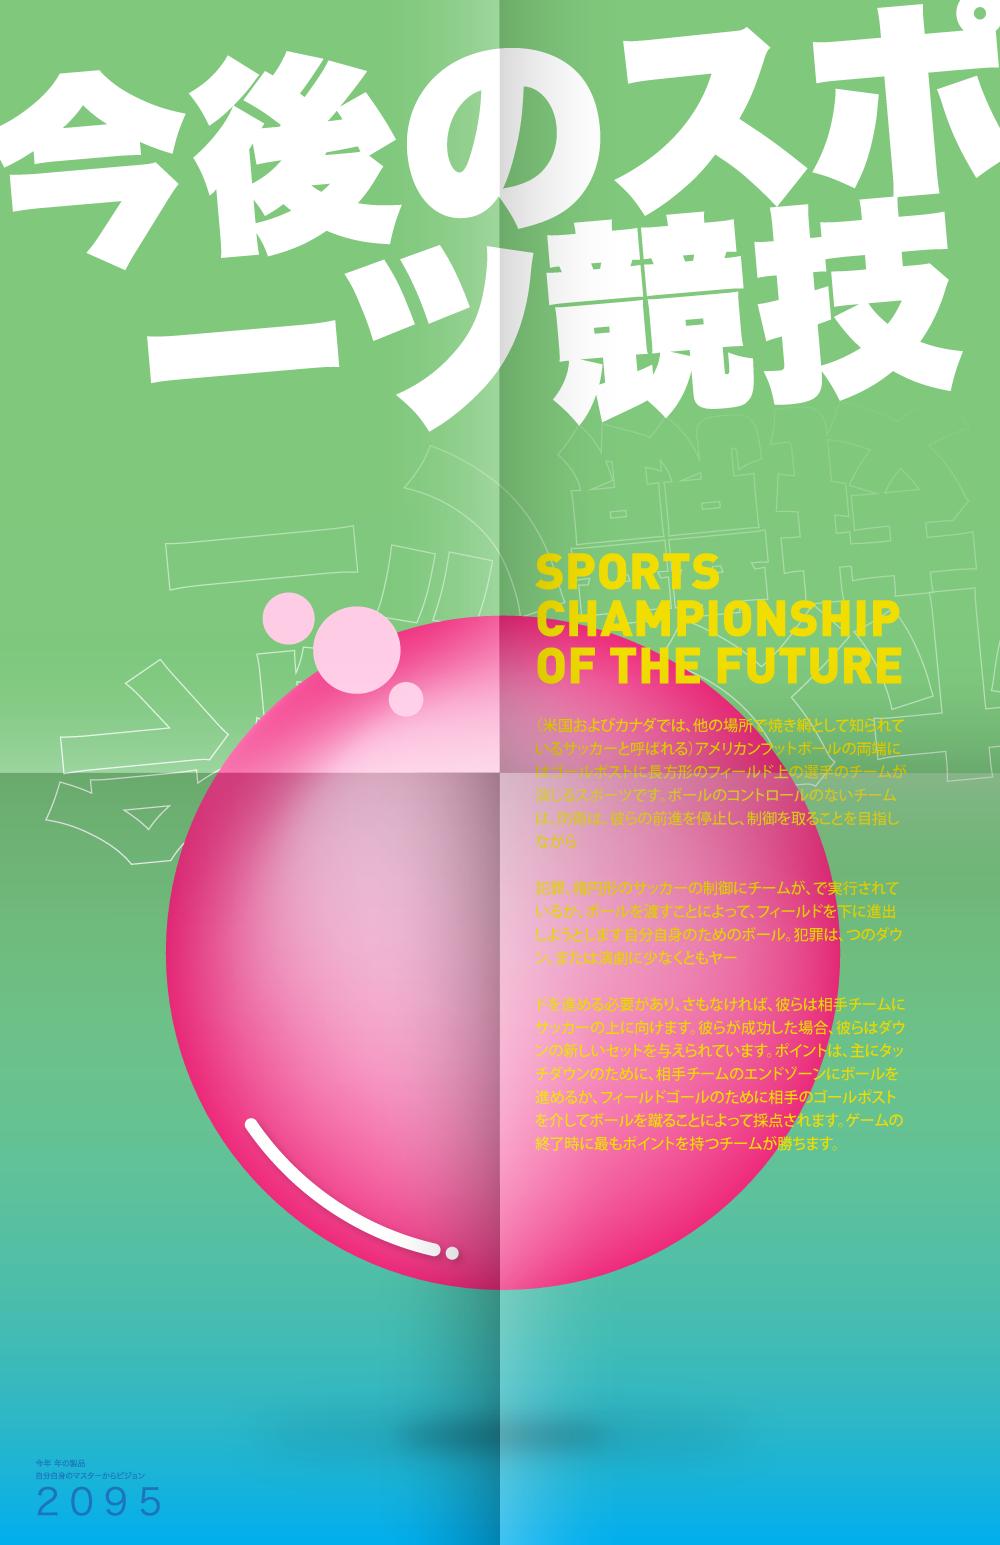 未来のスポーツ-Future-Sport.png